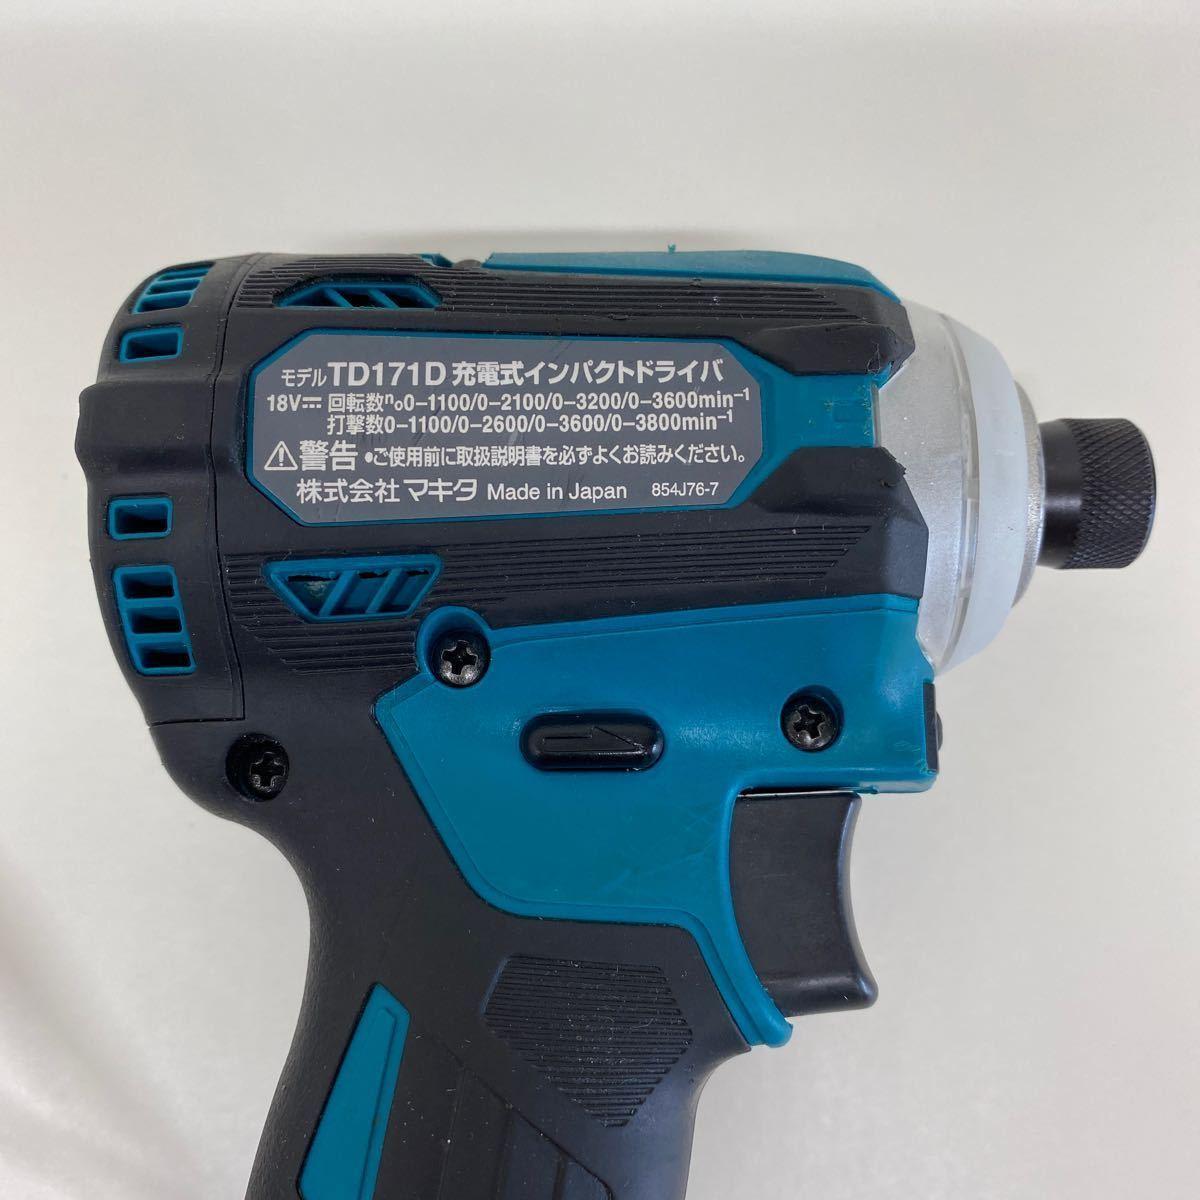 【中古・完動品】マキタ Makita TD171D 充電式インパクトドライバ 18v 『ブルー』BL1860B×2 DC18RF充電器 フルセット TD171DRGX 純正品_画像4